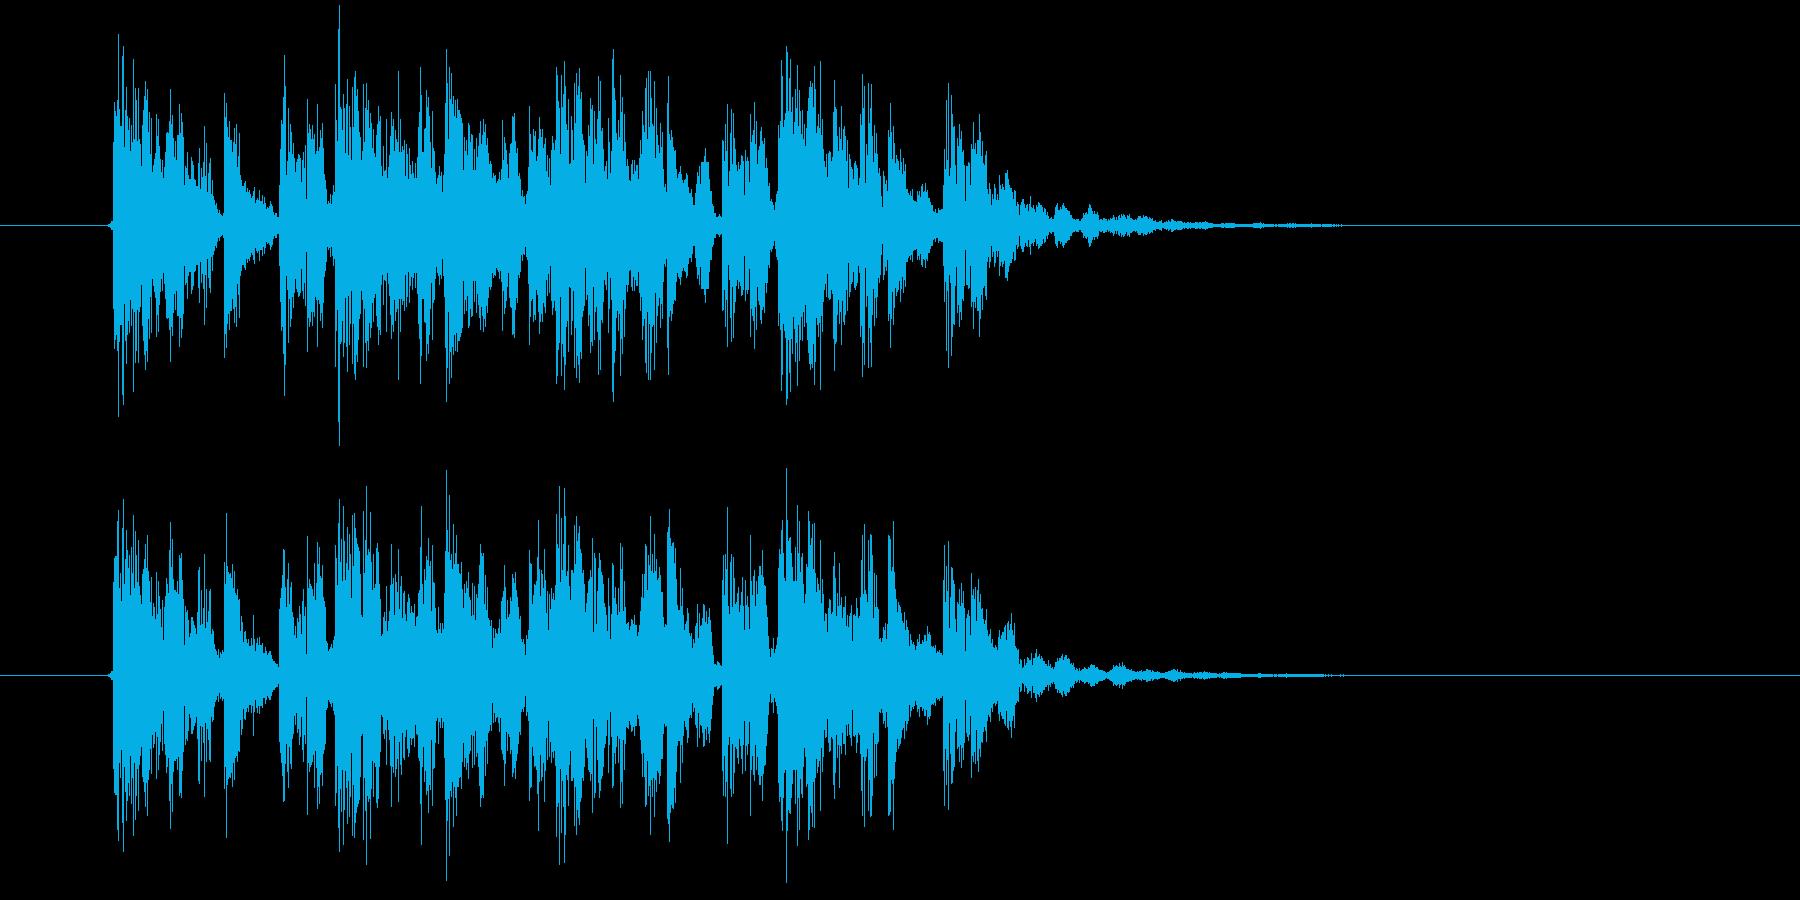 アップテンポなテクノポップスの再生済みの波形